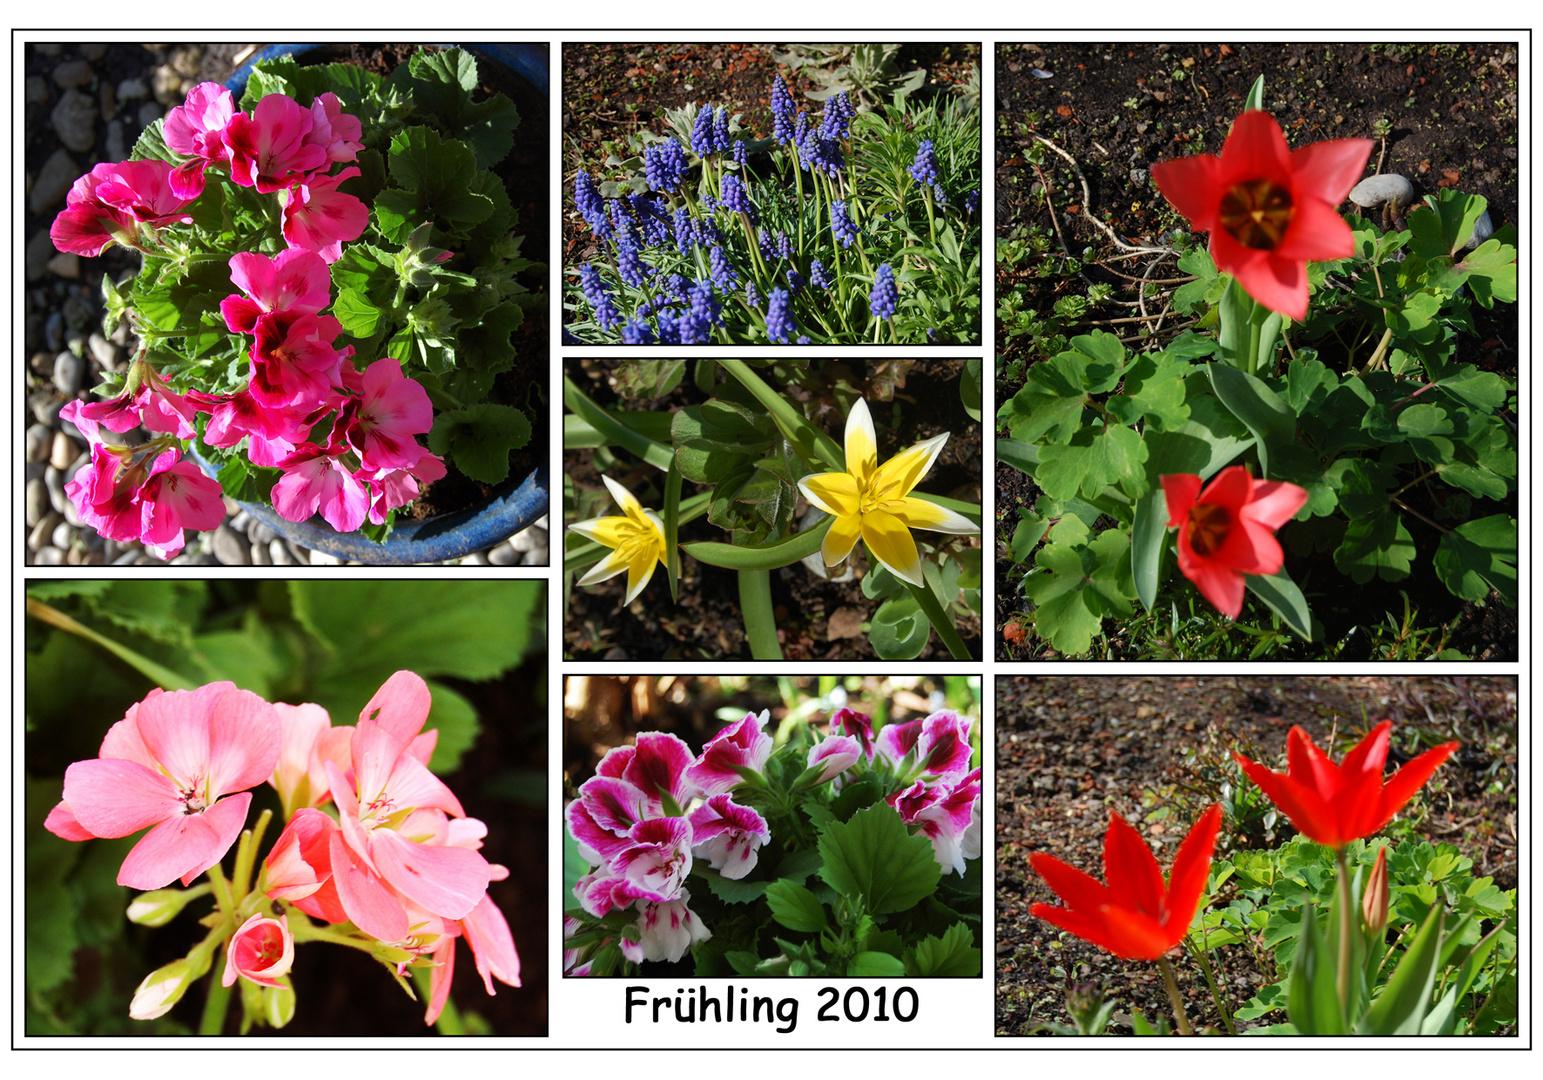 Frühling 2010 - die Zweite